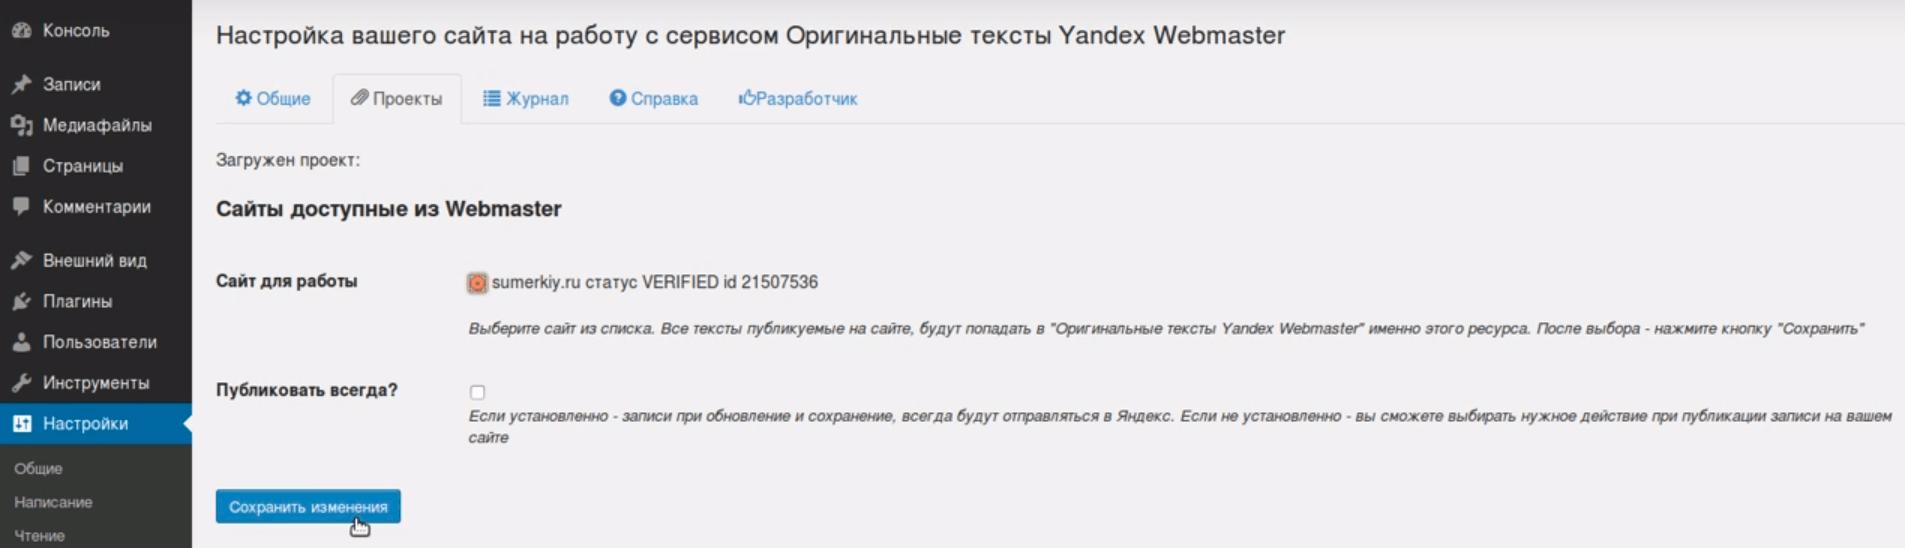 Установка плагина Original texts Yandex WebMaster Финишная настройка